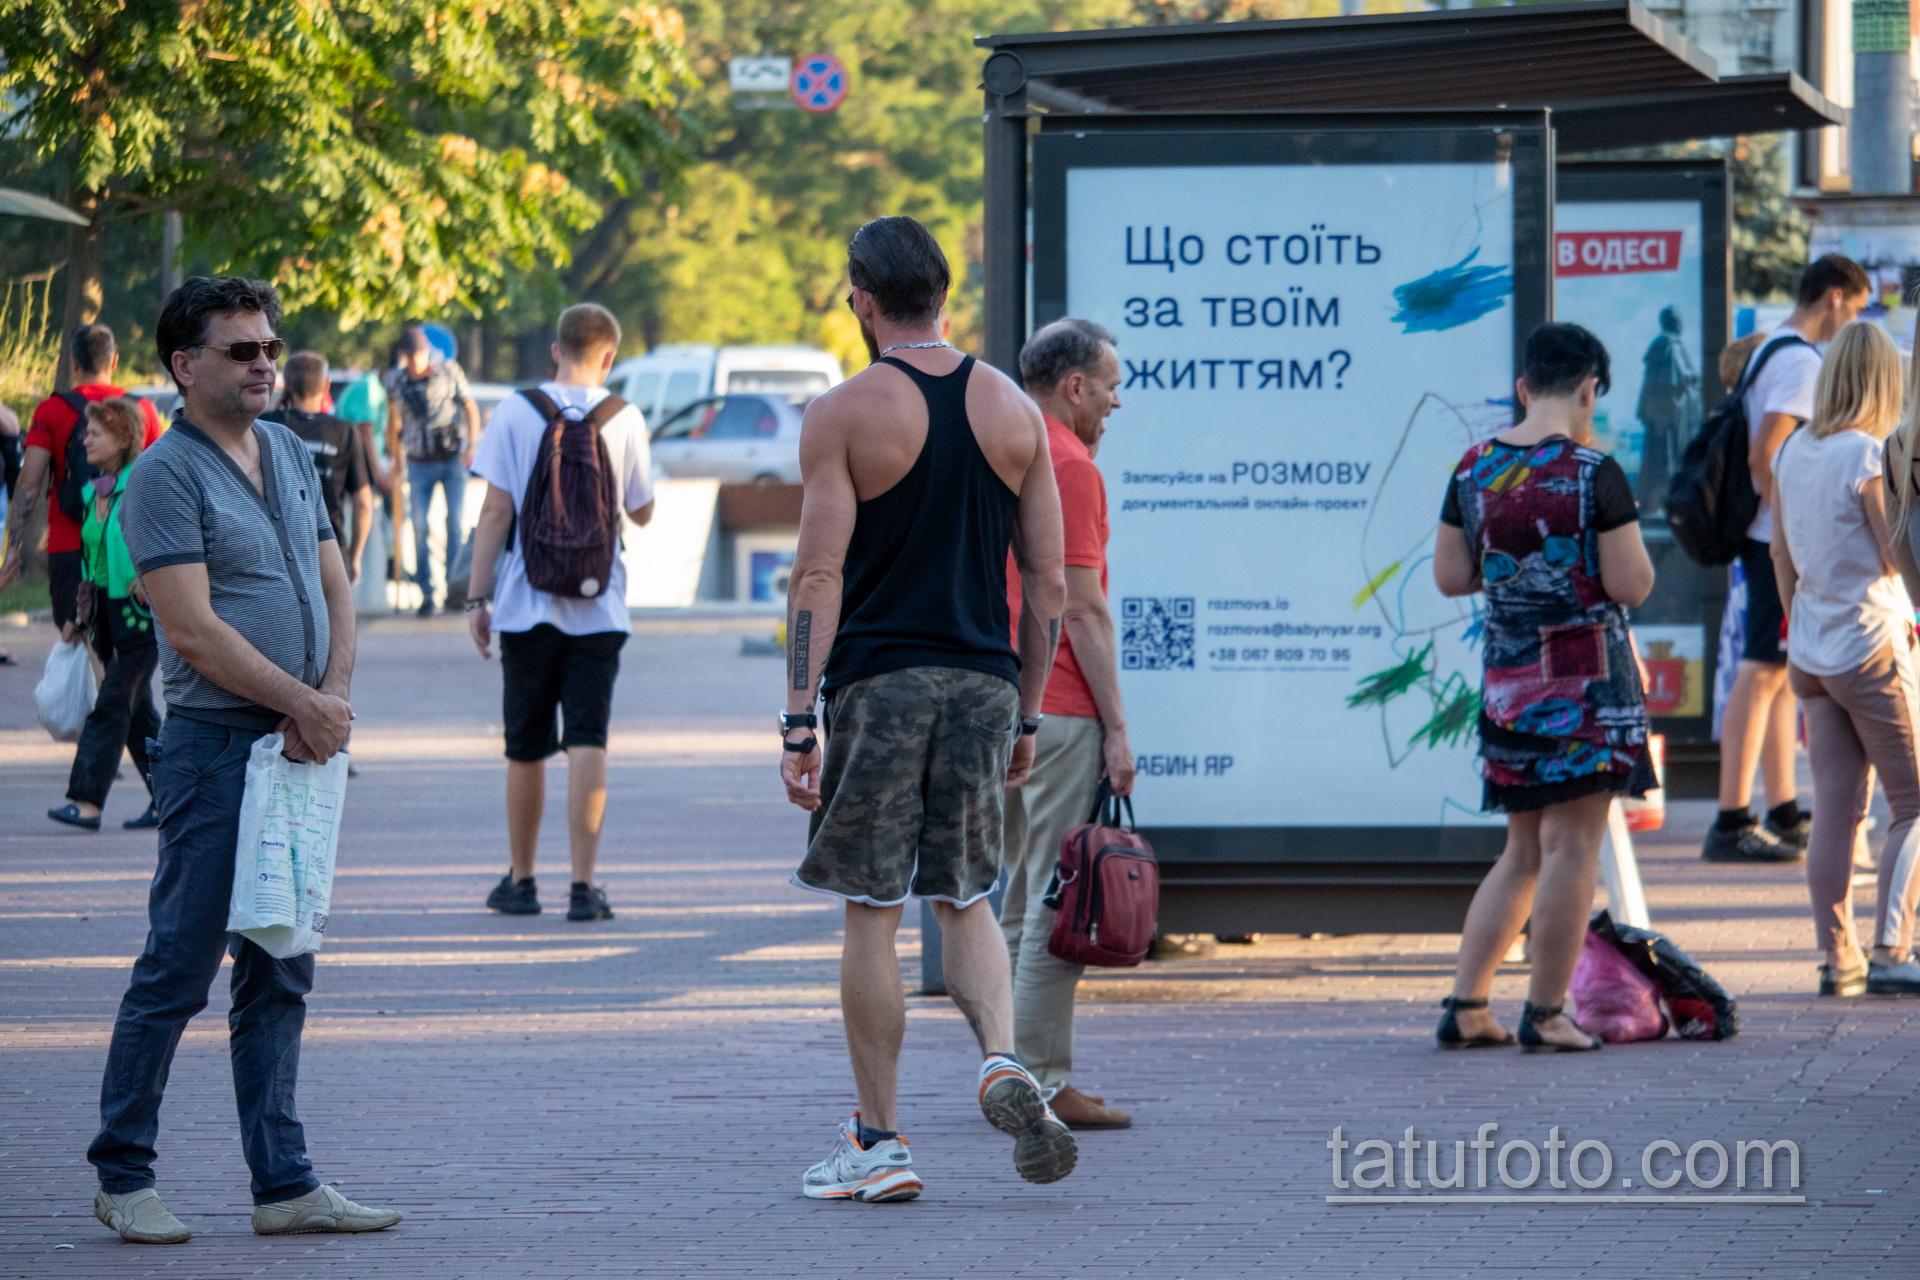 Тату надпись UNIVERSUM на руке мужчины - Уличная татуировка 14.09.2020 – tatufoto.com 8